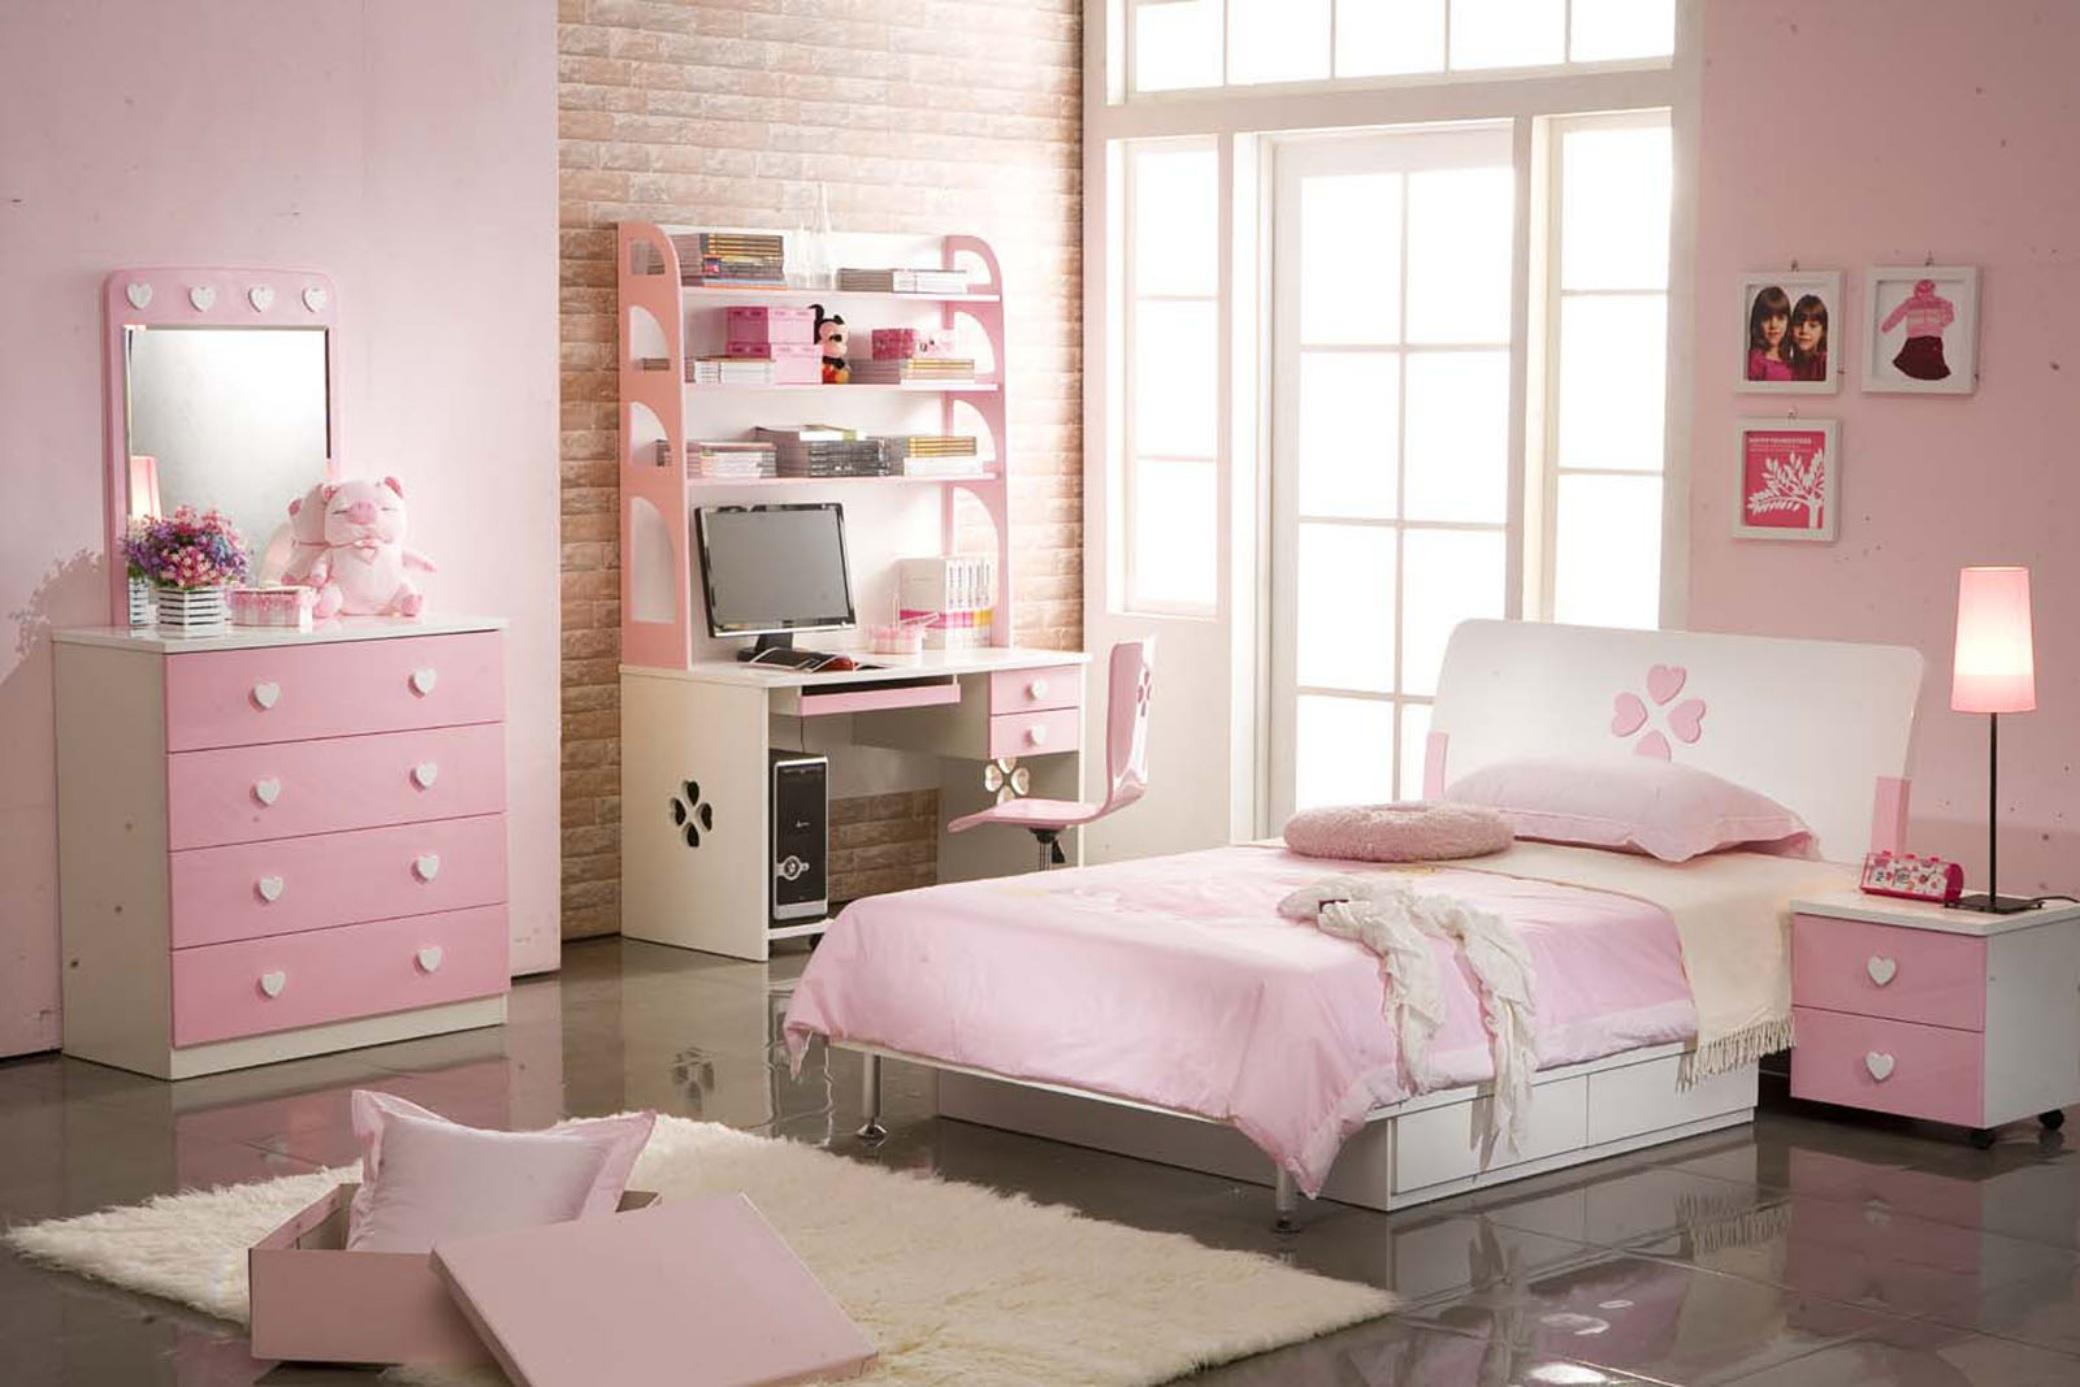 بالصور ديكورات غرف نوم بنات , اجمل ديكورات غرف النوم 2251 7